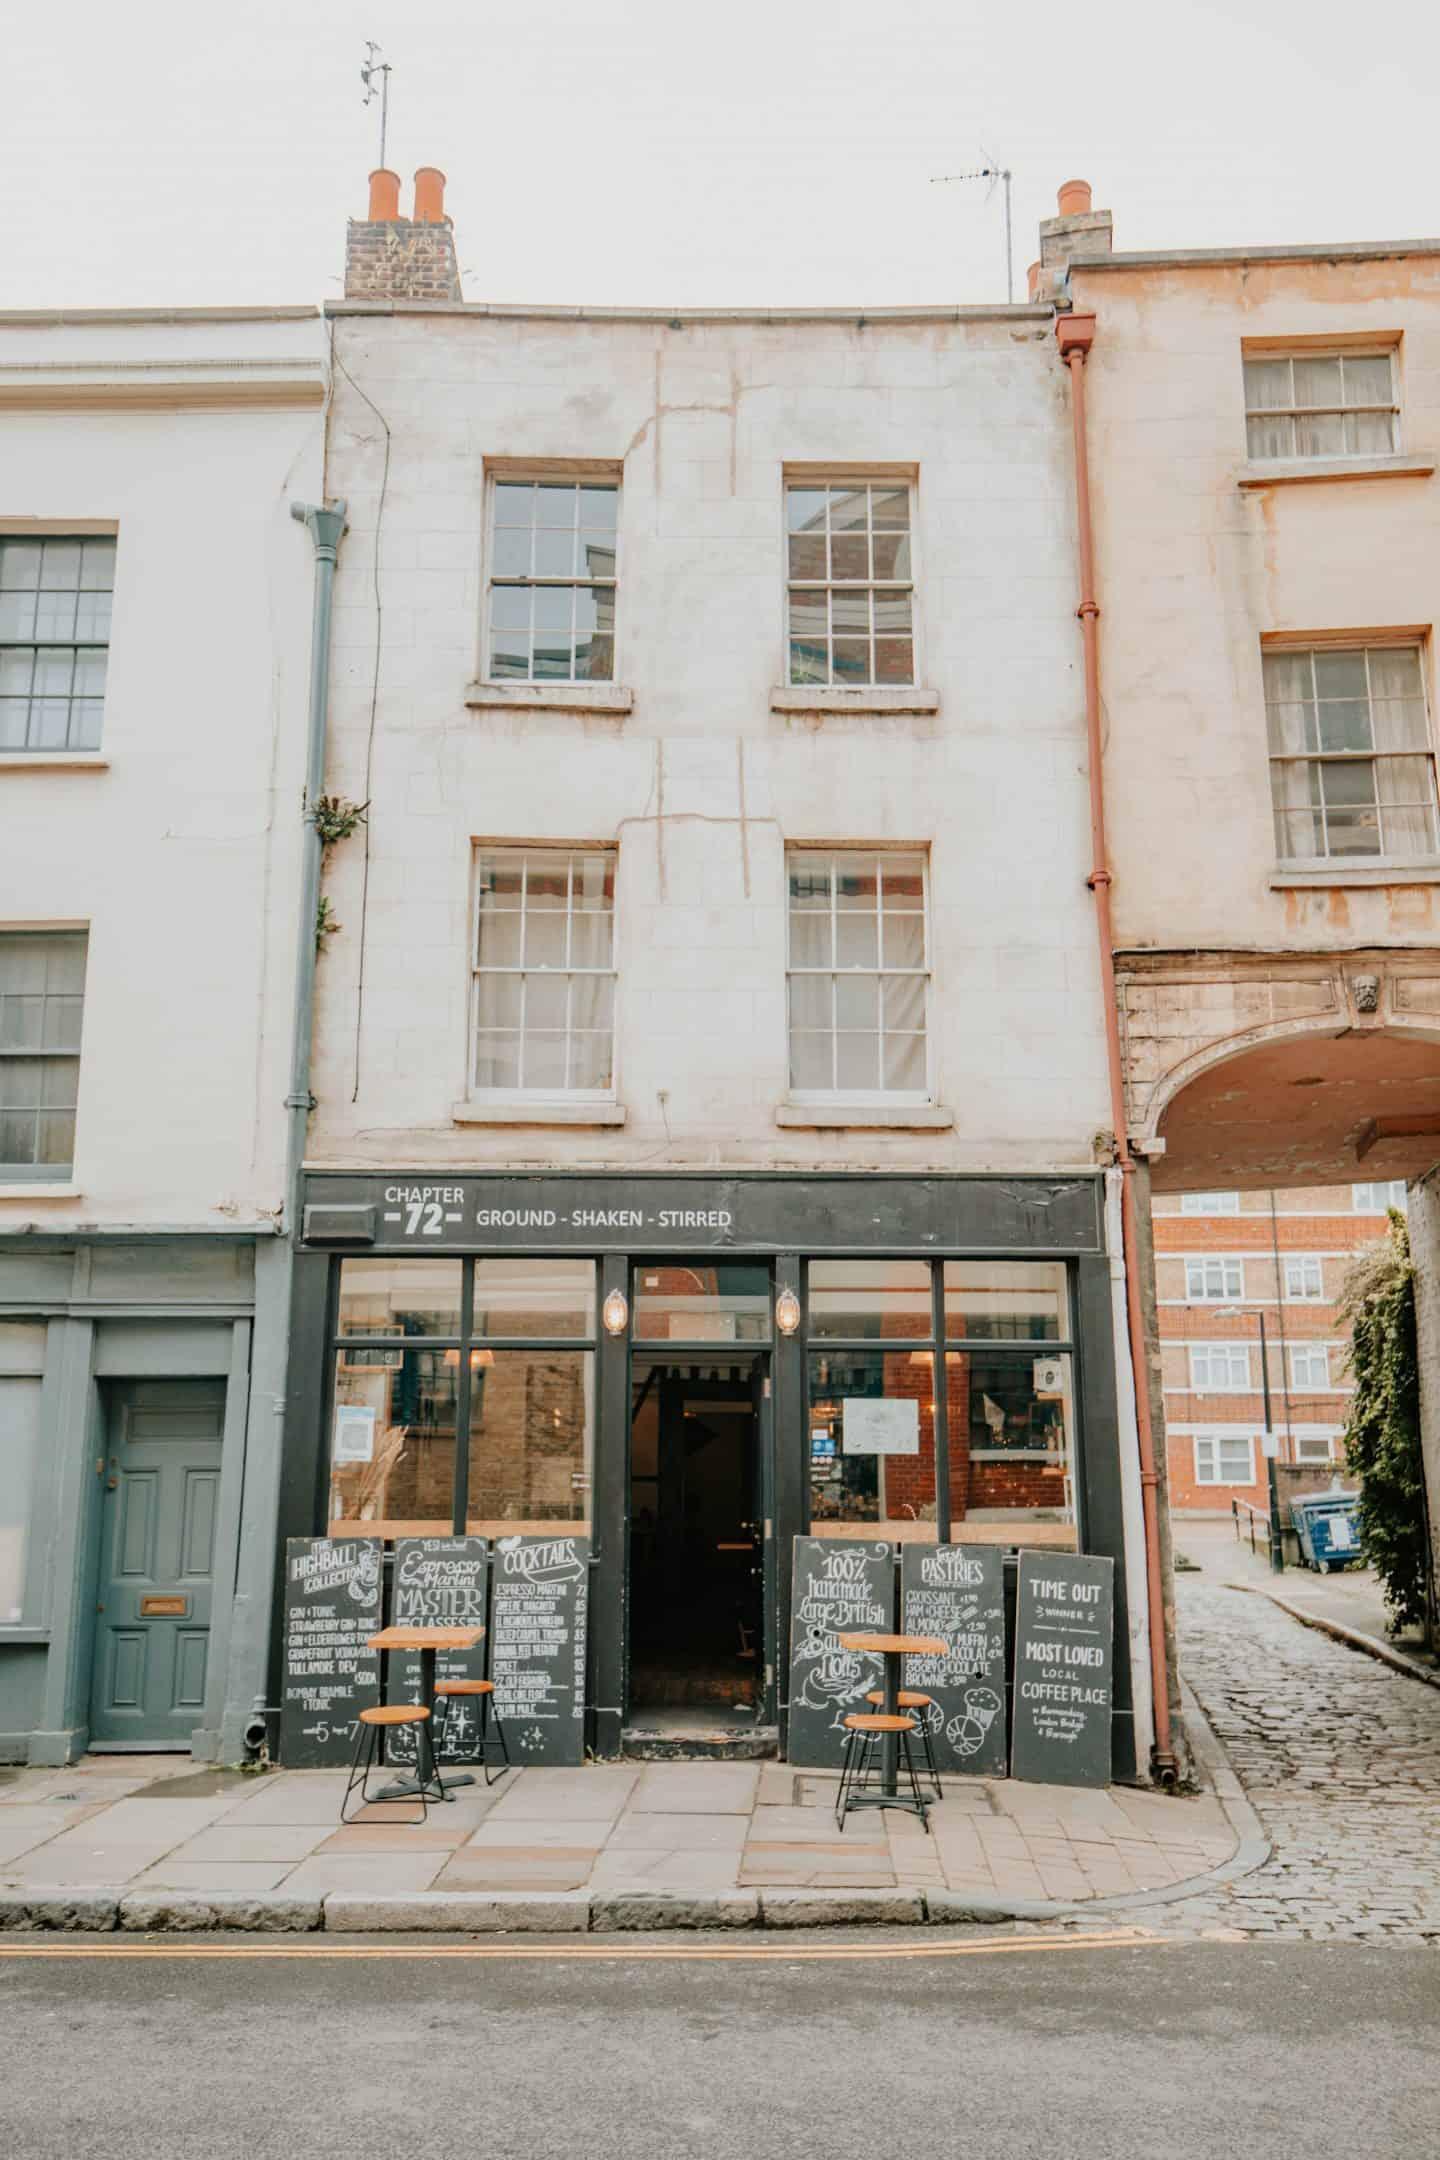 Street on Bermondsey